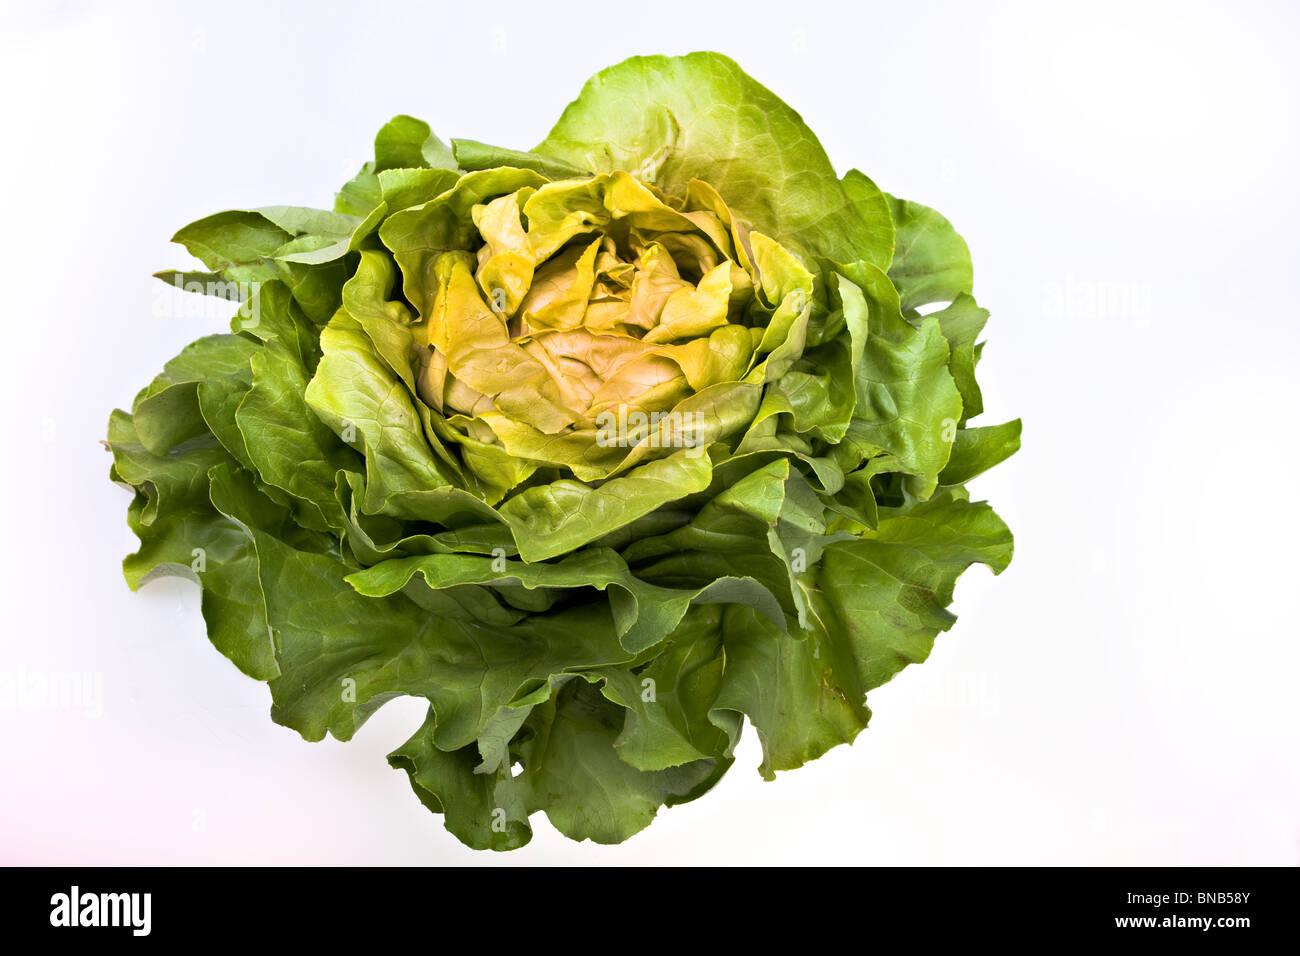 Fresh salad lettuce isolated on white - Stock Image